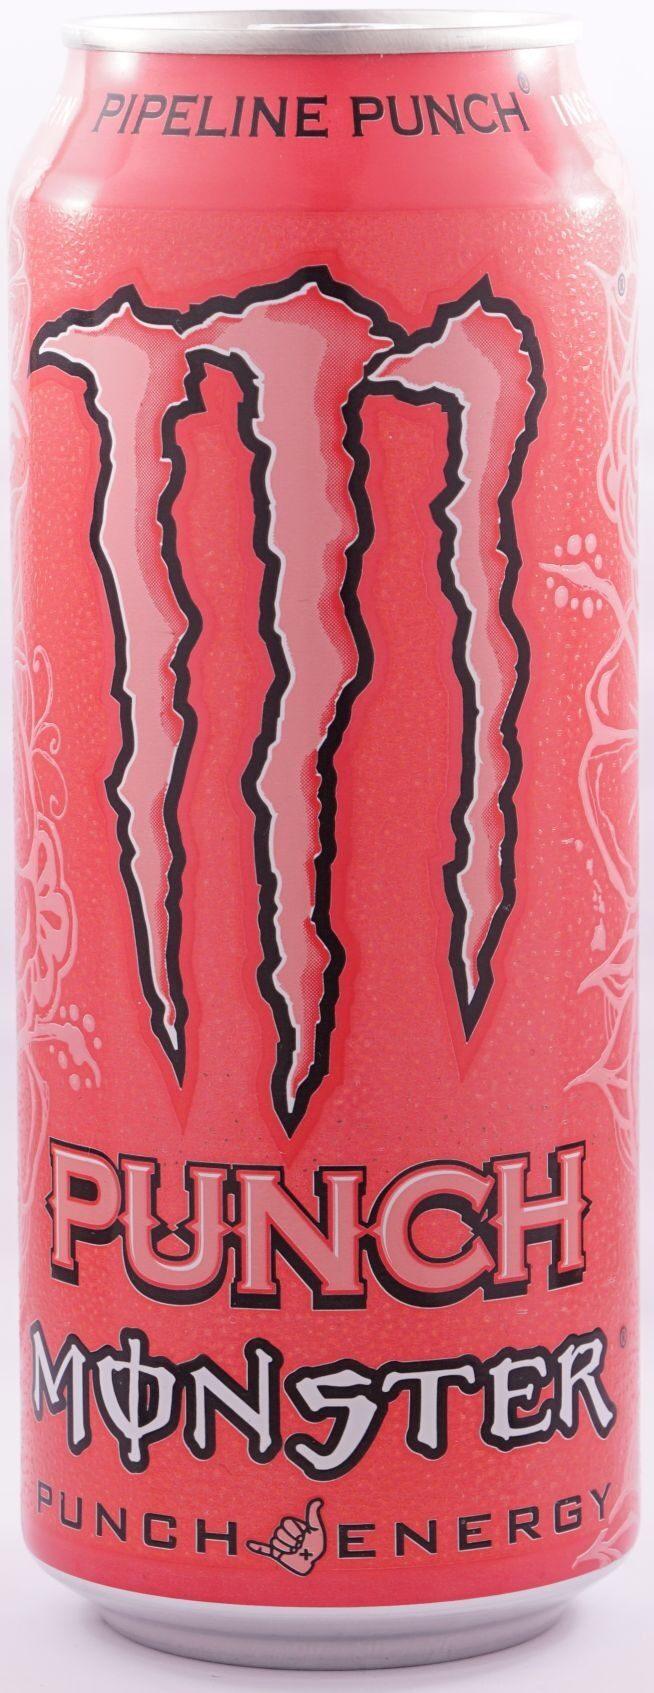 Punch monster - Produit - de